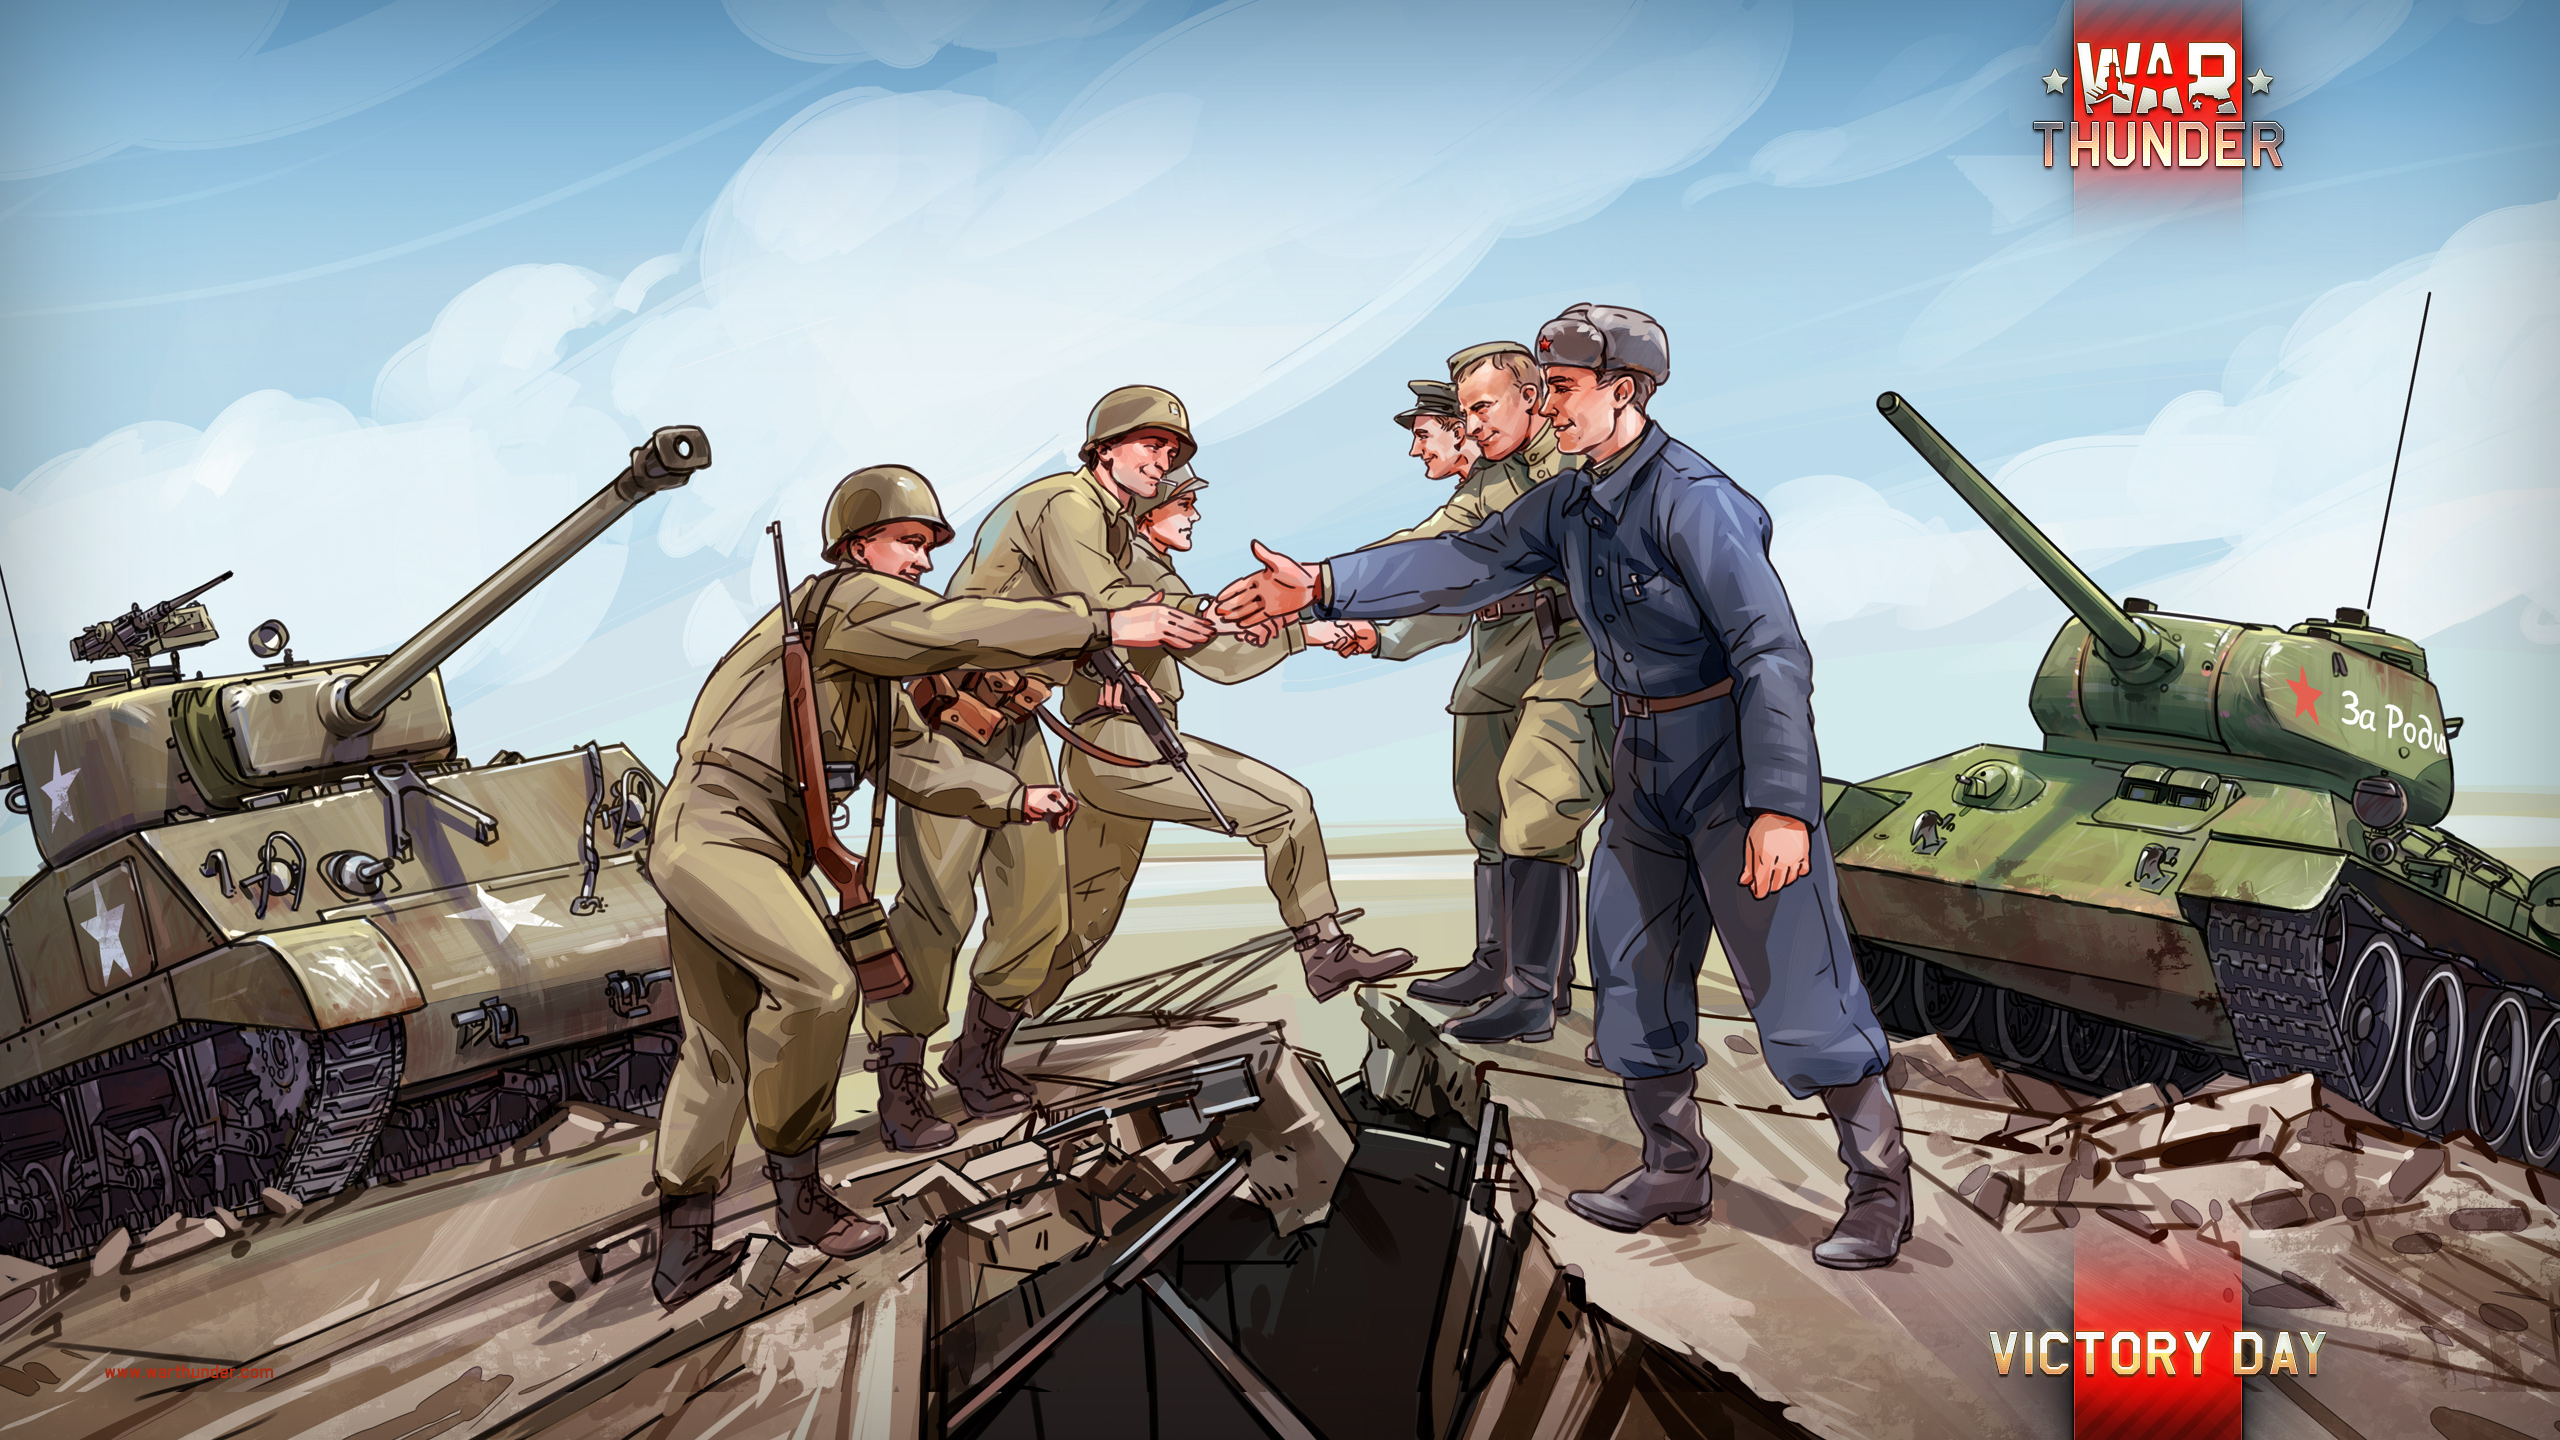 Ah 64 war thunder cast